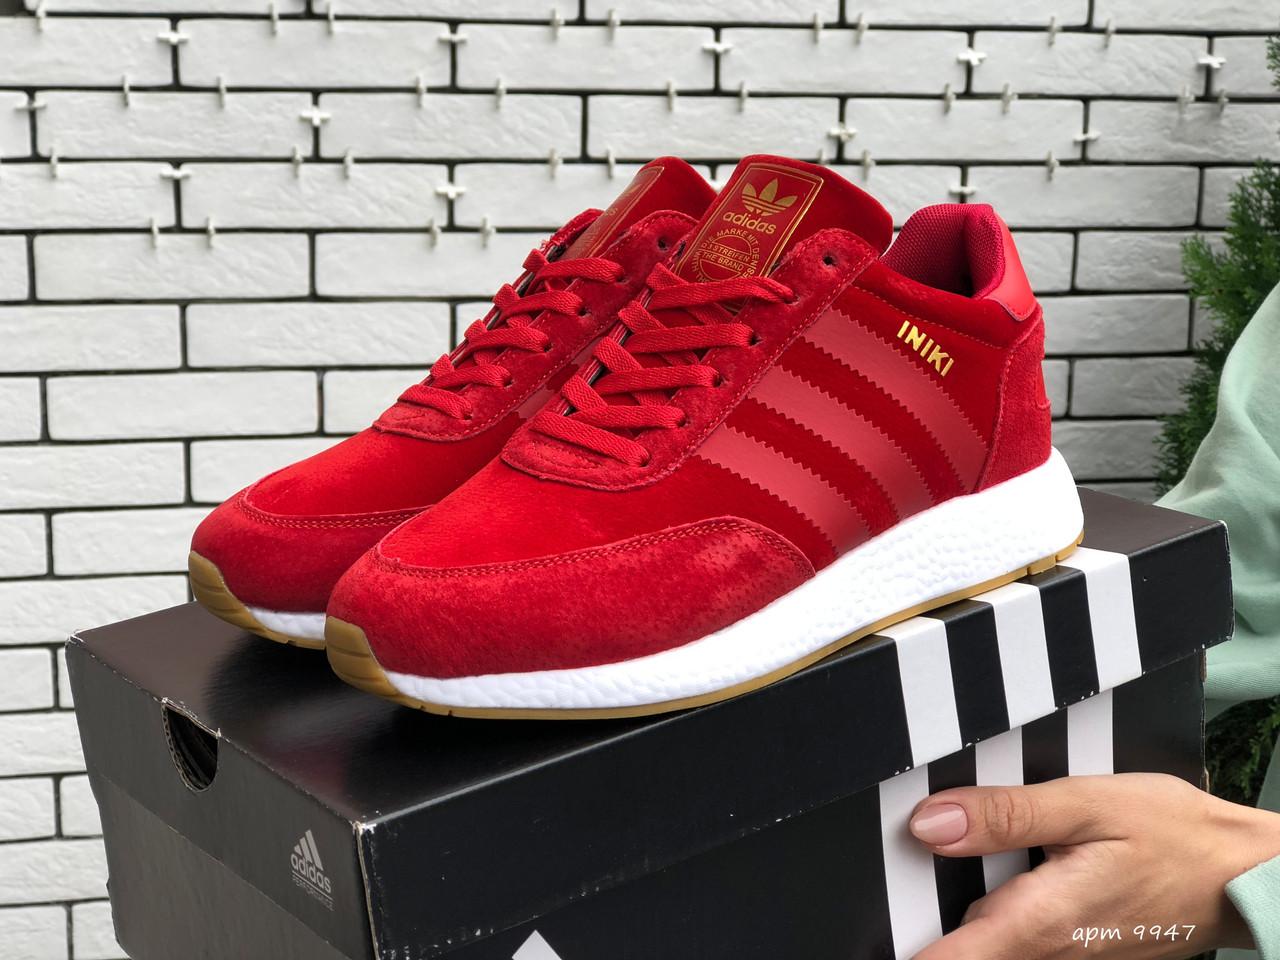 Зимние женские кроссовки Adidas Iniki red (Мех). [Размеры в наличии: 36,37,38,39,40,41]